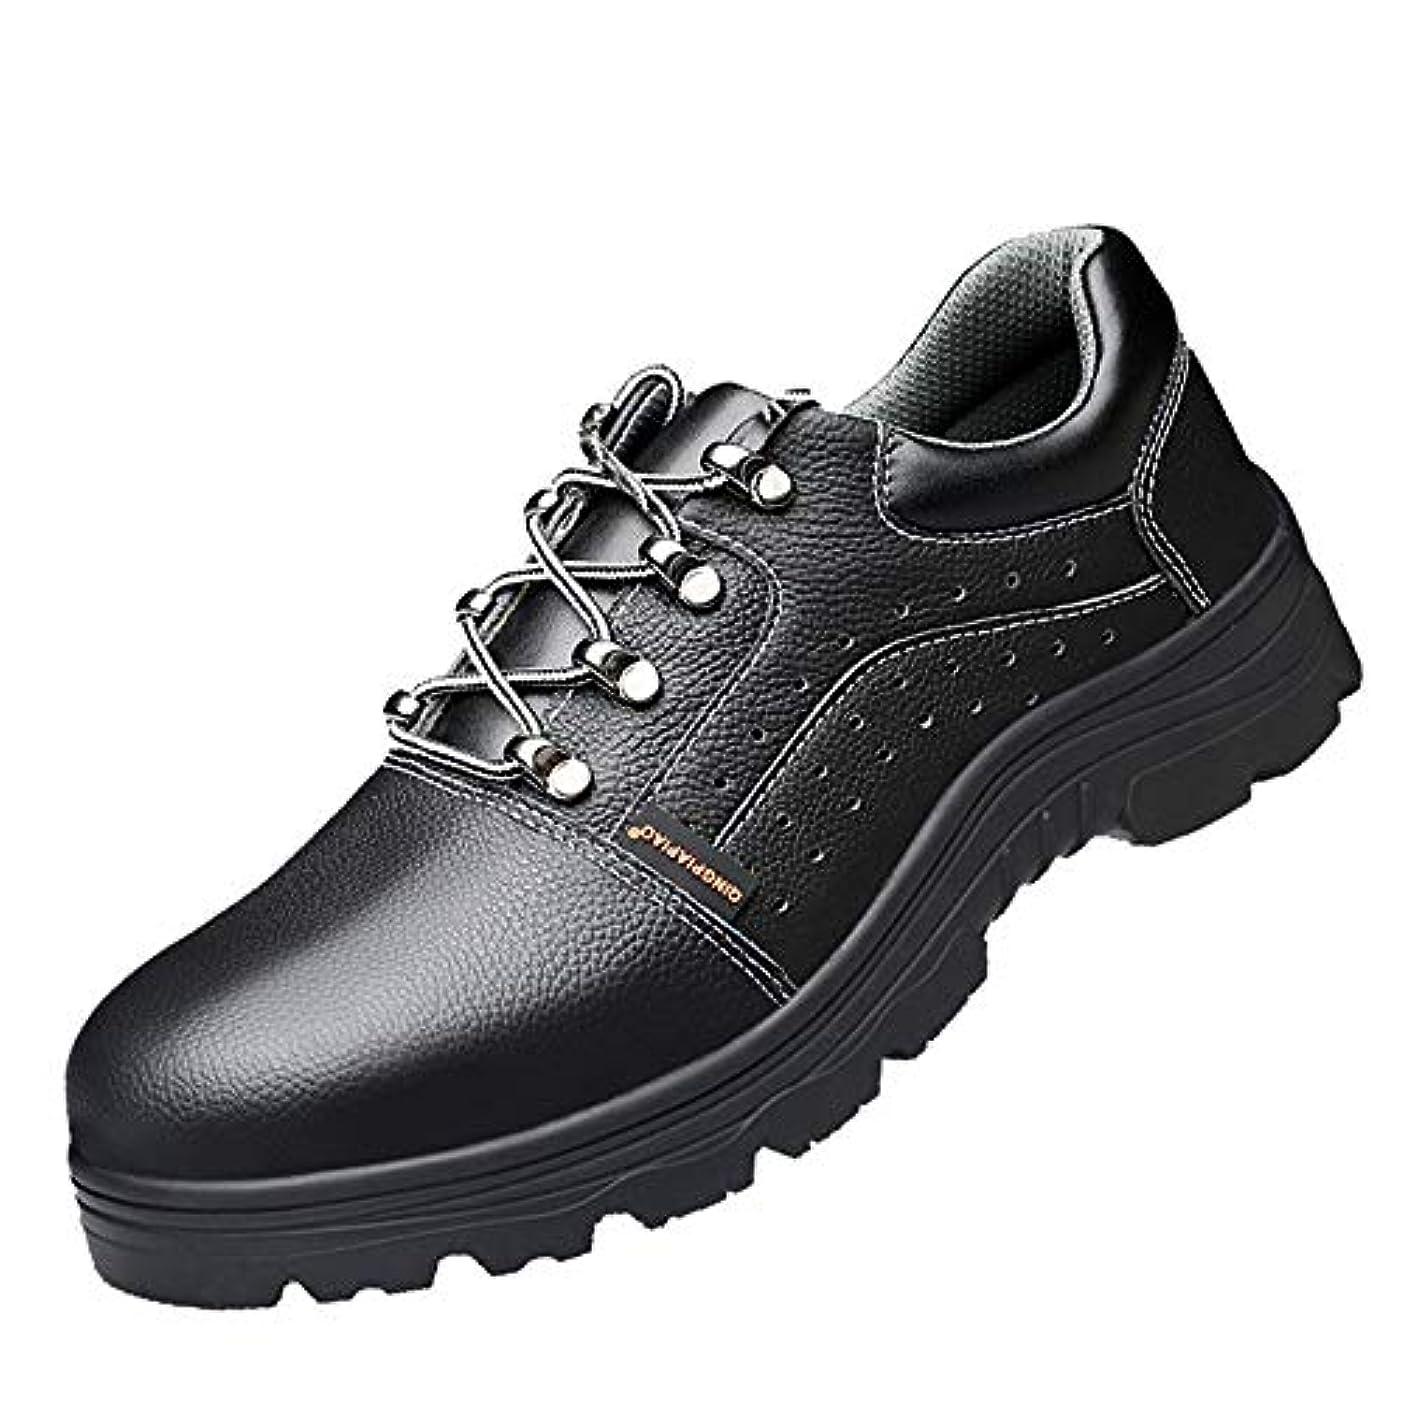 代わりに昼寝音声No brand メンズ 靴 本革 ワーク シューズ 鋼鉄先芯 作業靴 安全靴 ローカット セーフティーシューズ 滑り止め 耐磨耗 通気 クッション性 釘踏み抜き防止 (Color : Black, Size : 43)